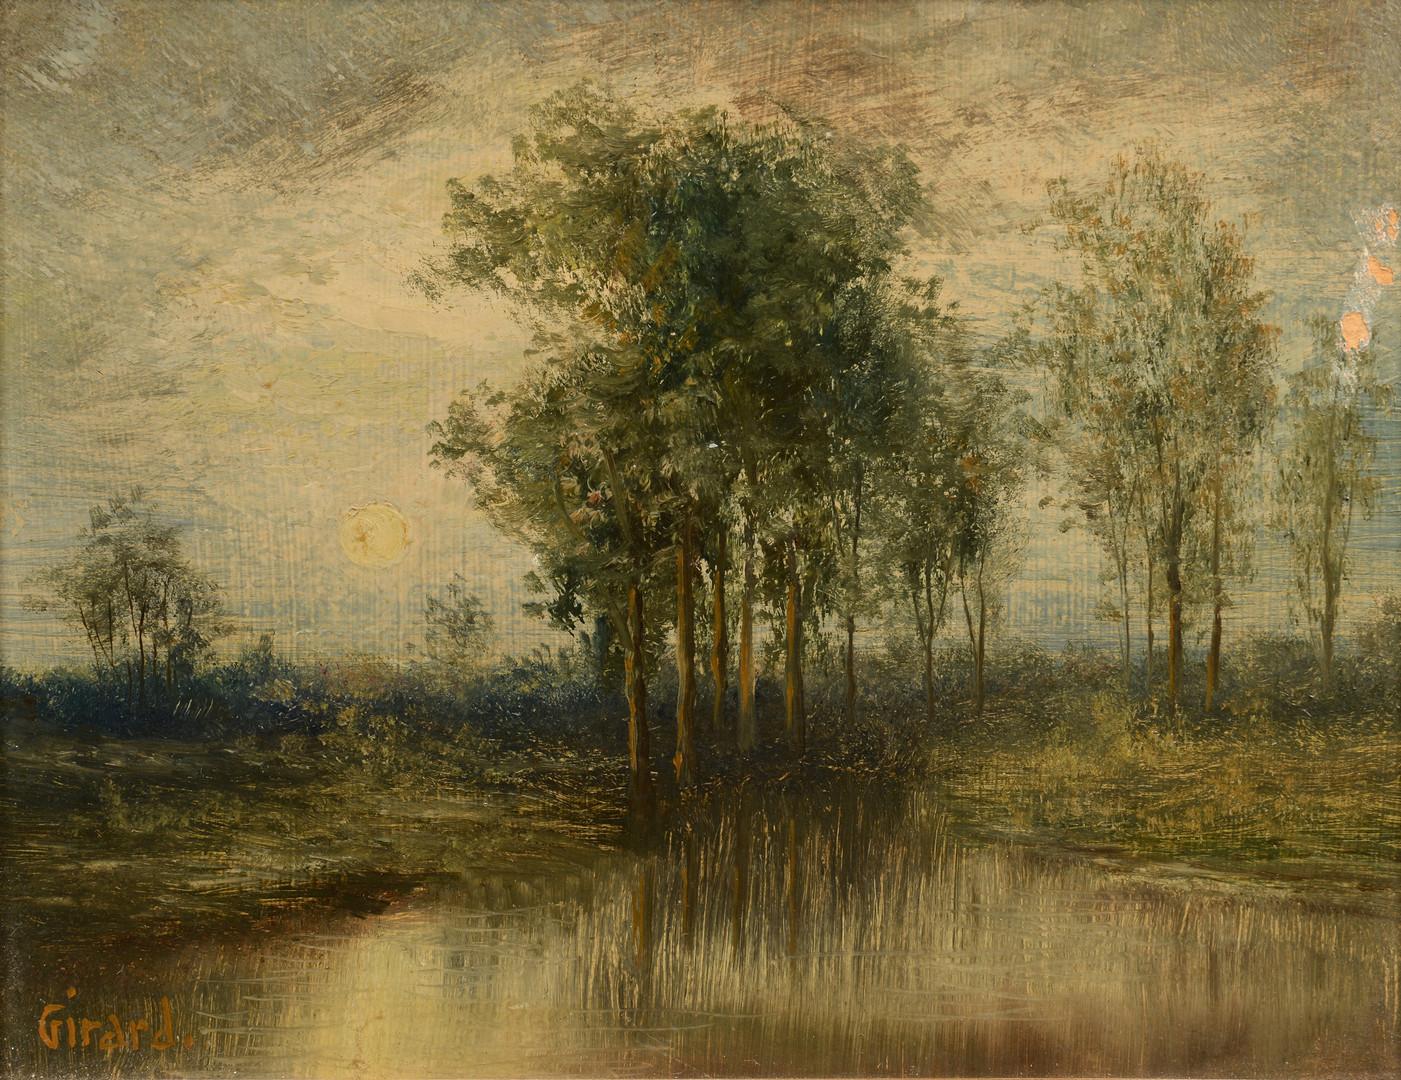 Lot 186: Wm. Washington Girard, TN Landscape